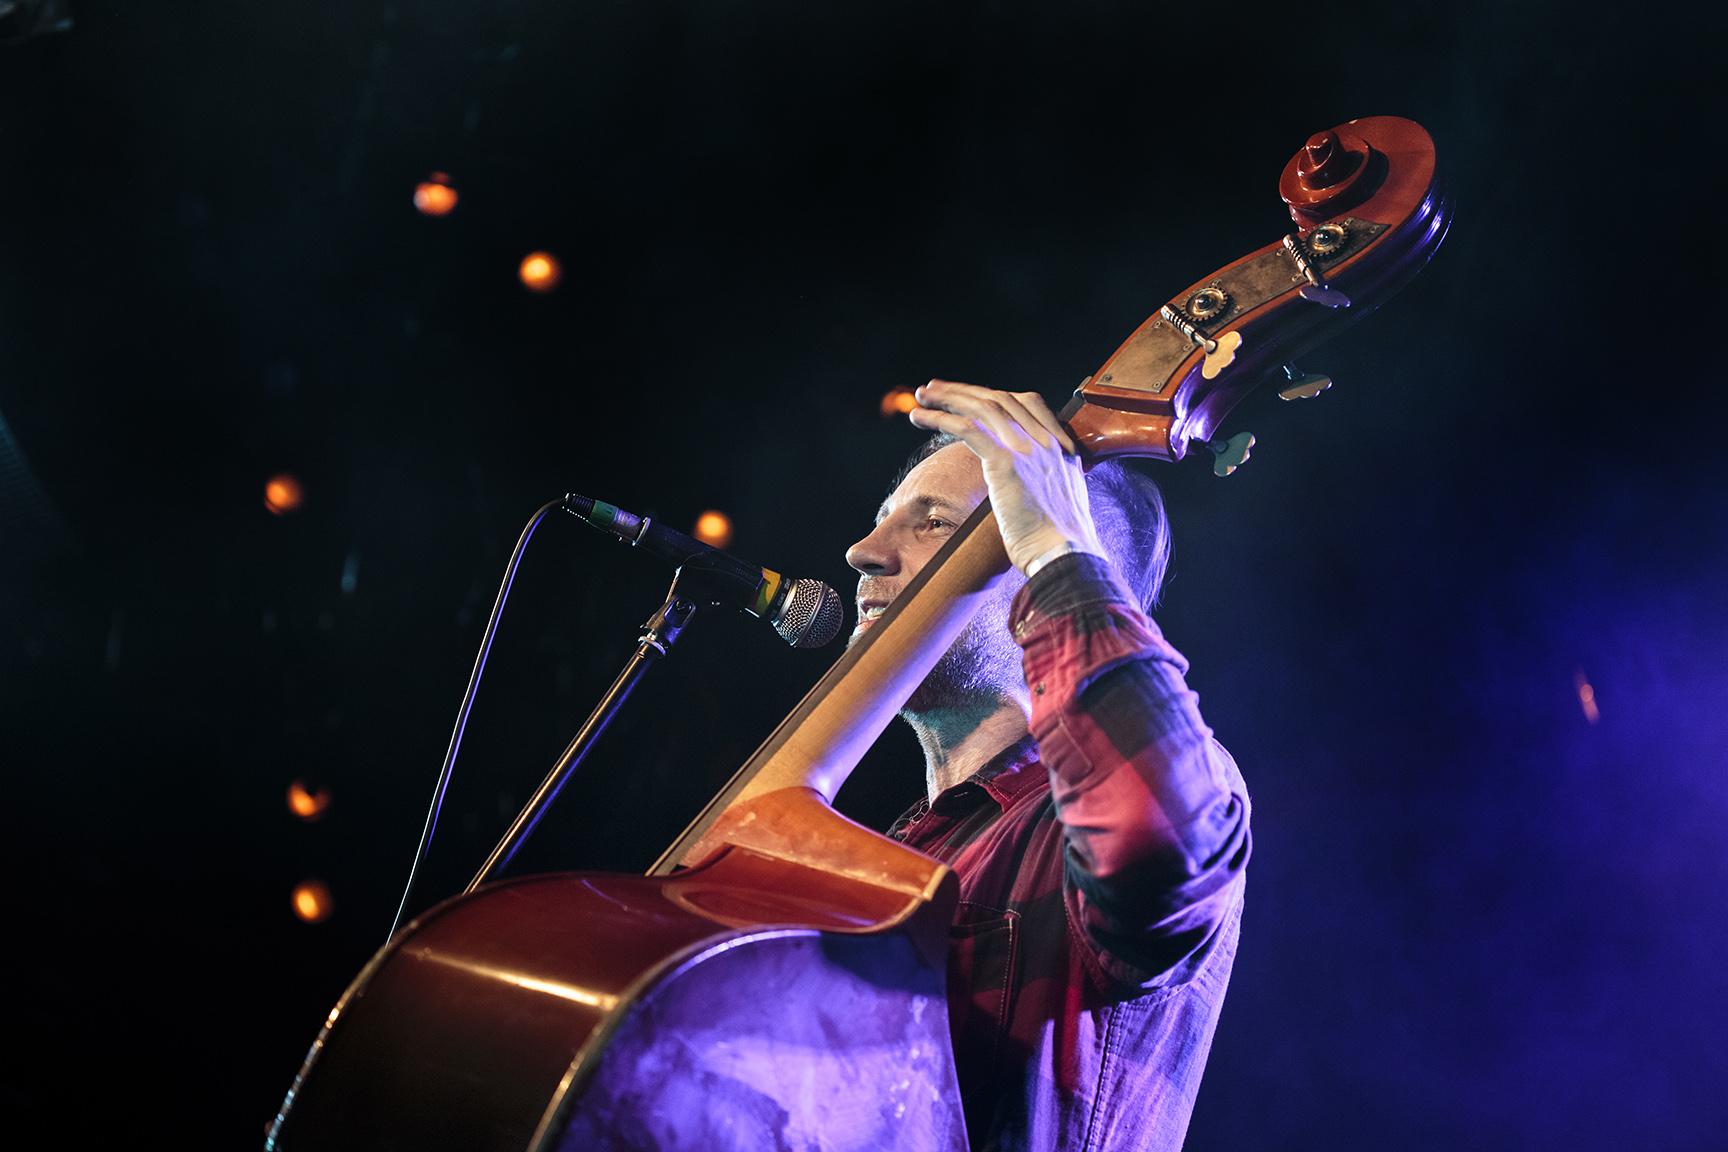 Фото Билли Новик исполняет песни Е. Летова,